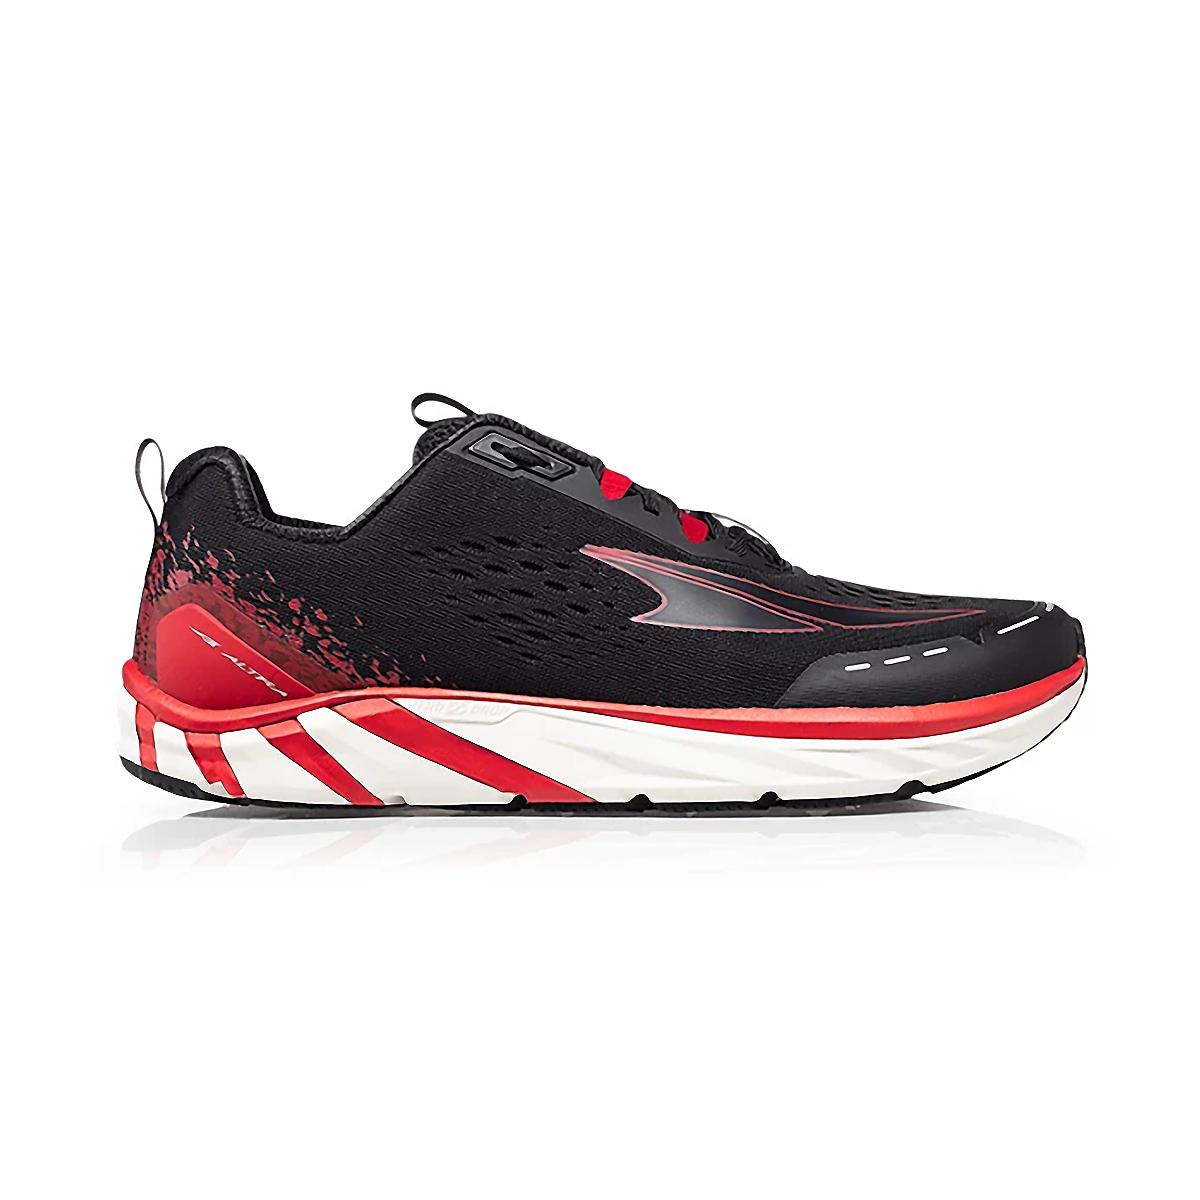 Men's Altra Torin 4 Running Shoe - Color: Black/Red - Size: 7 - Width: Regular, Black/Red, large, image 1